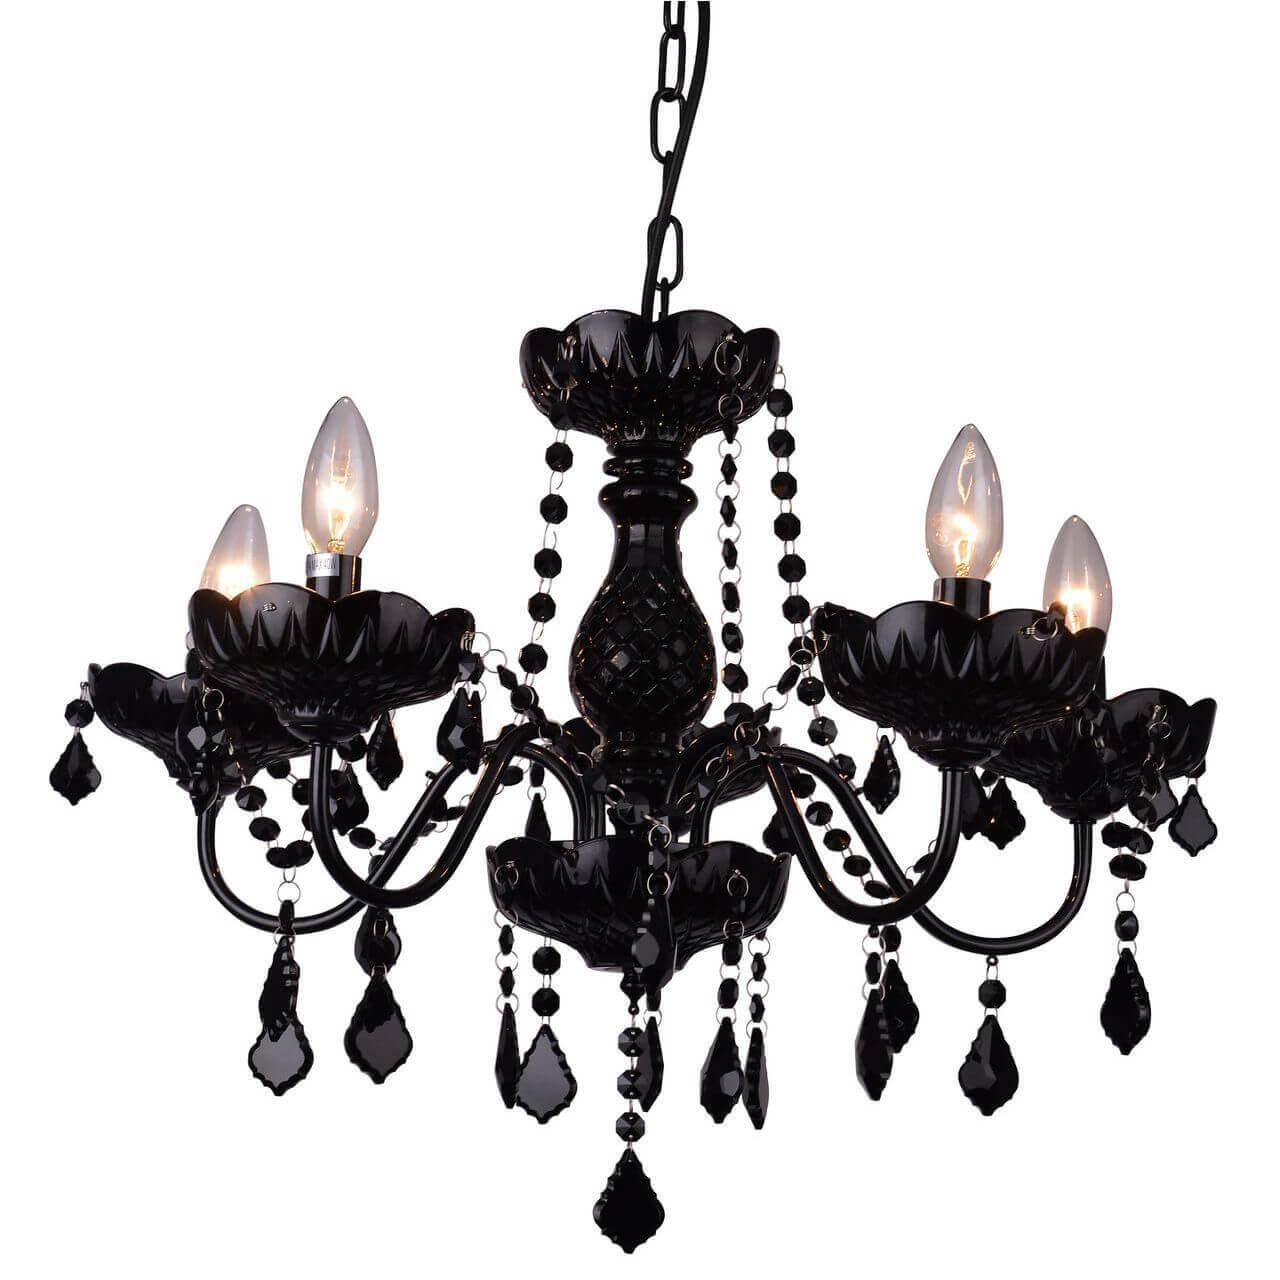 Люстра Arte Lamp A8918LM-5BK Odillia накладная люстра a7144pl 5bk arte lamp